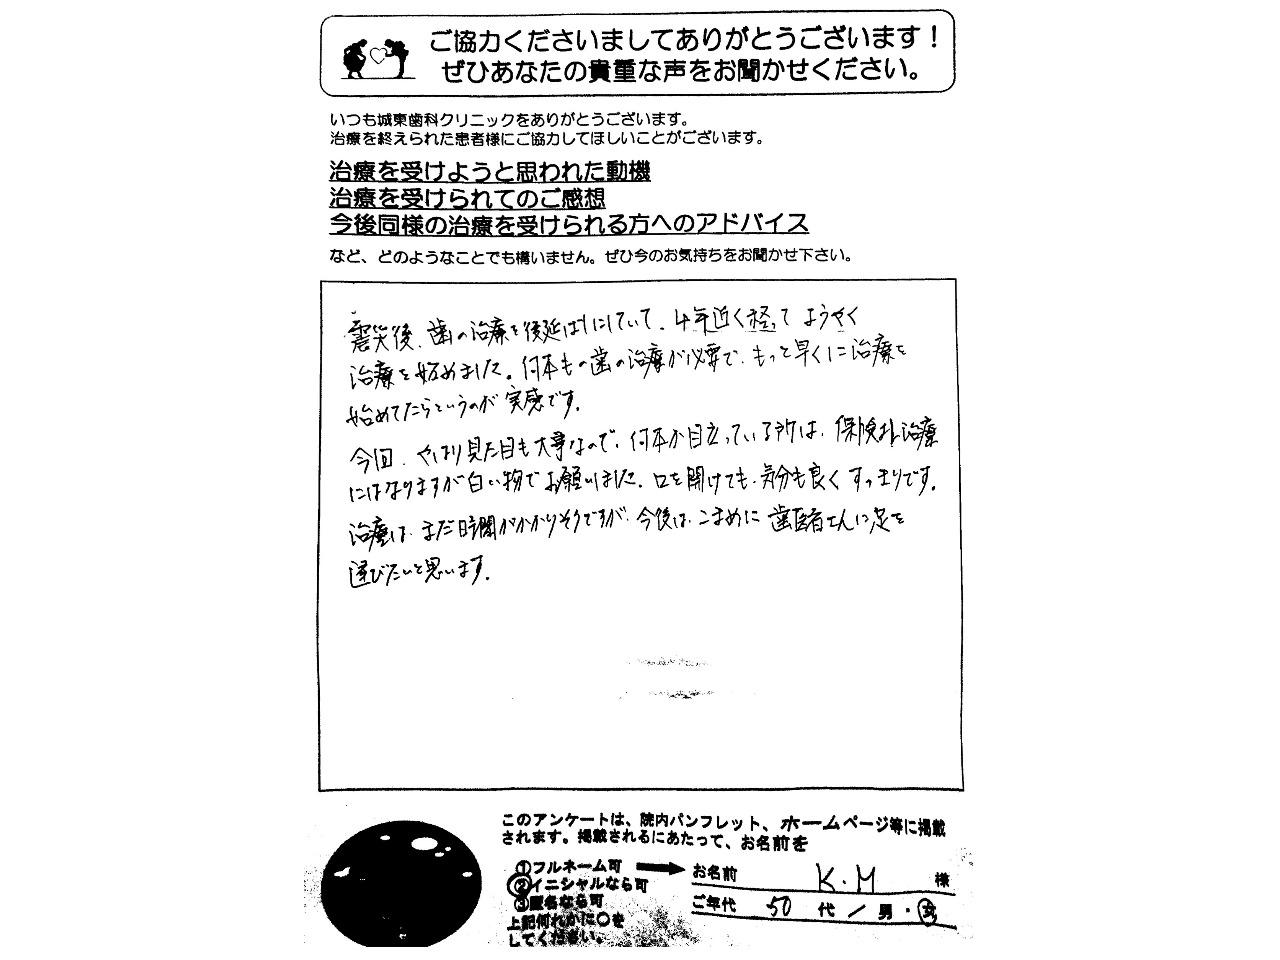 セラミック治療(K.M様・50代女性)